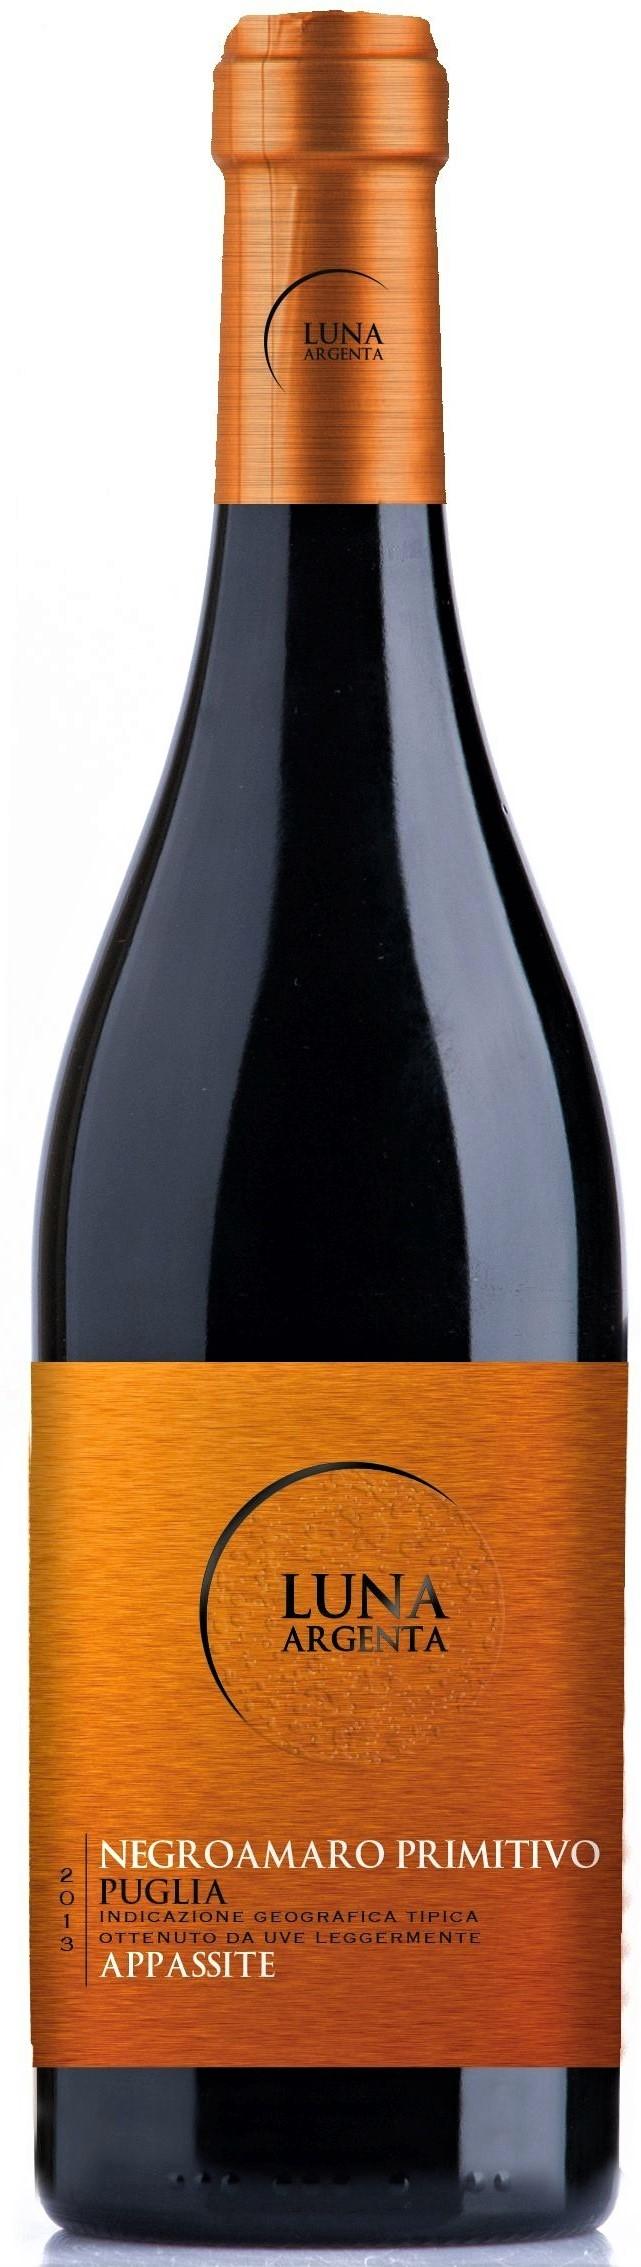 Caudalia wine Box Enero 2021 Luna Argenta - Negro Amaro, Primitivo - Italia - 2019